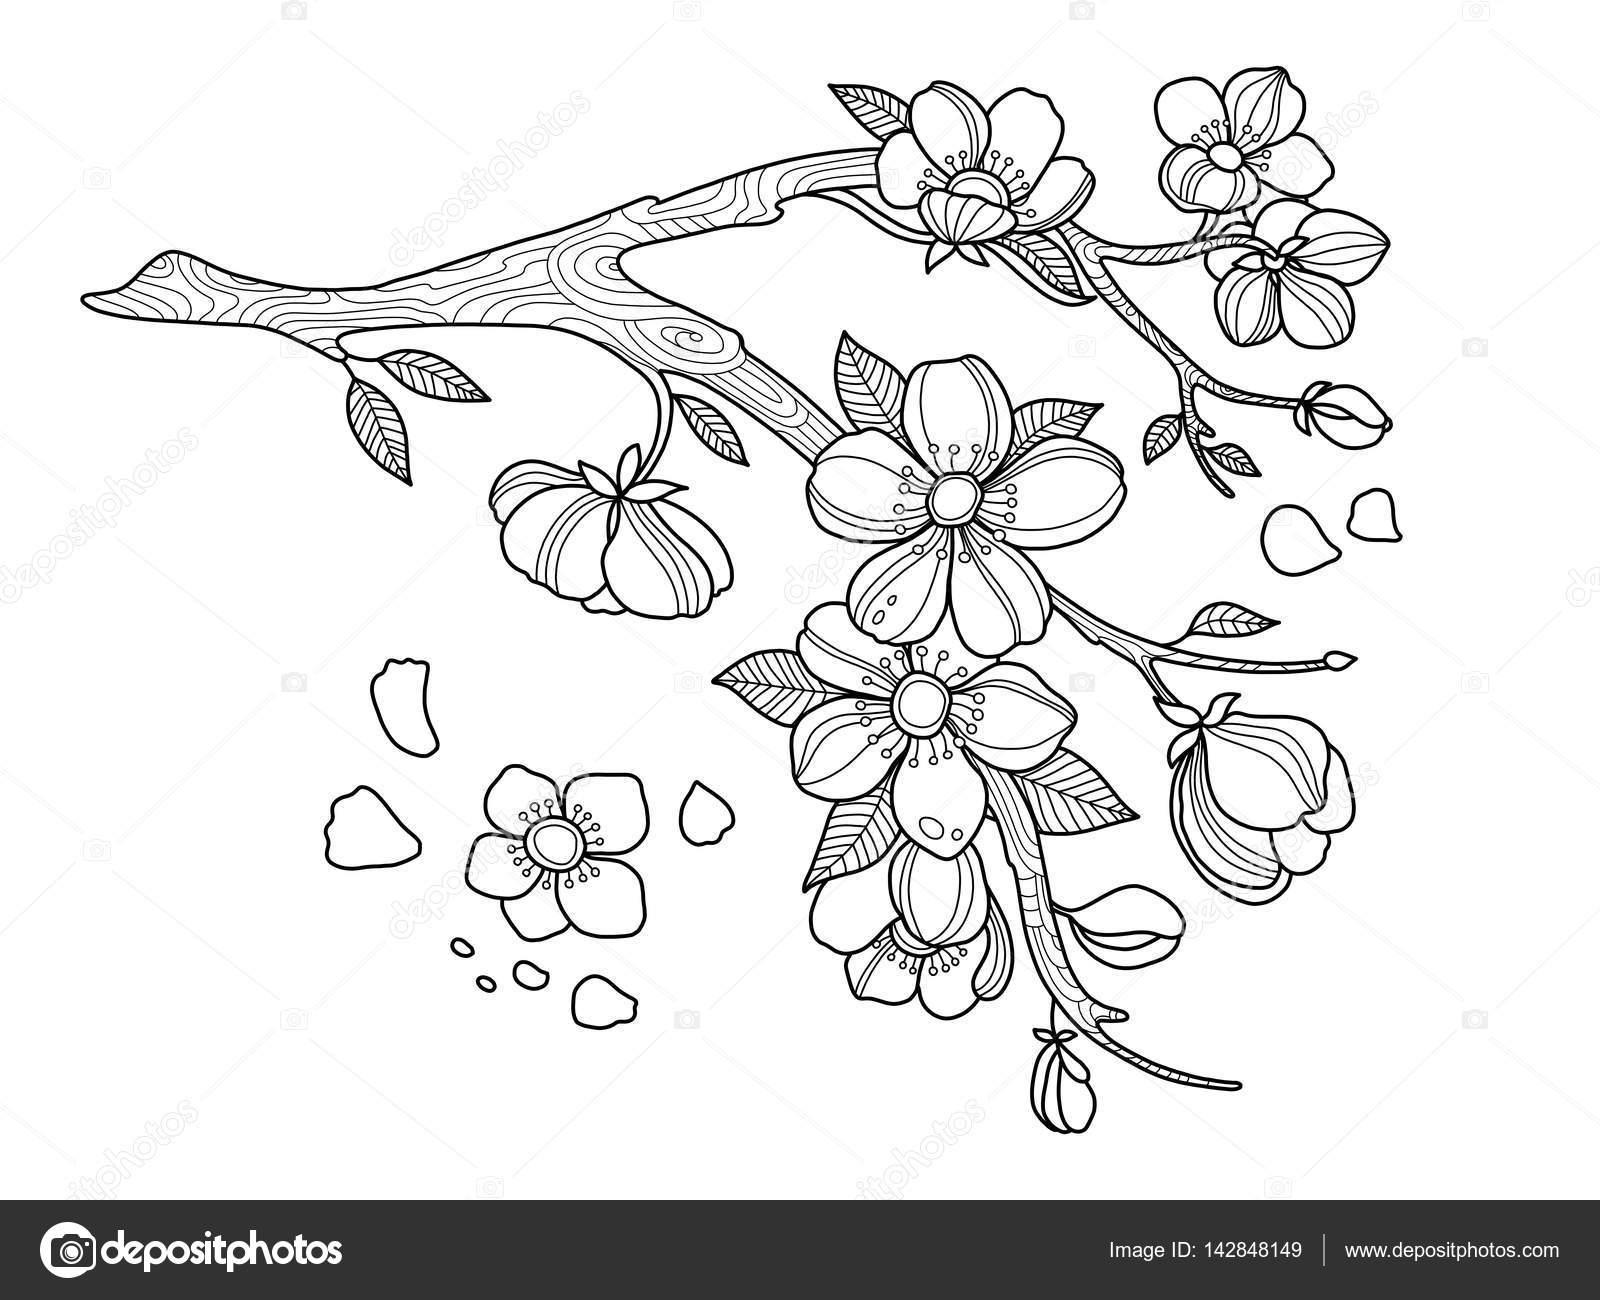 Ilustracja Wektorowa Kolorowanka Kwiat Wiśni Grafika